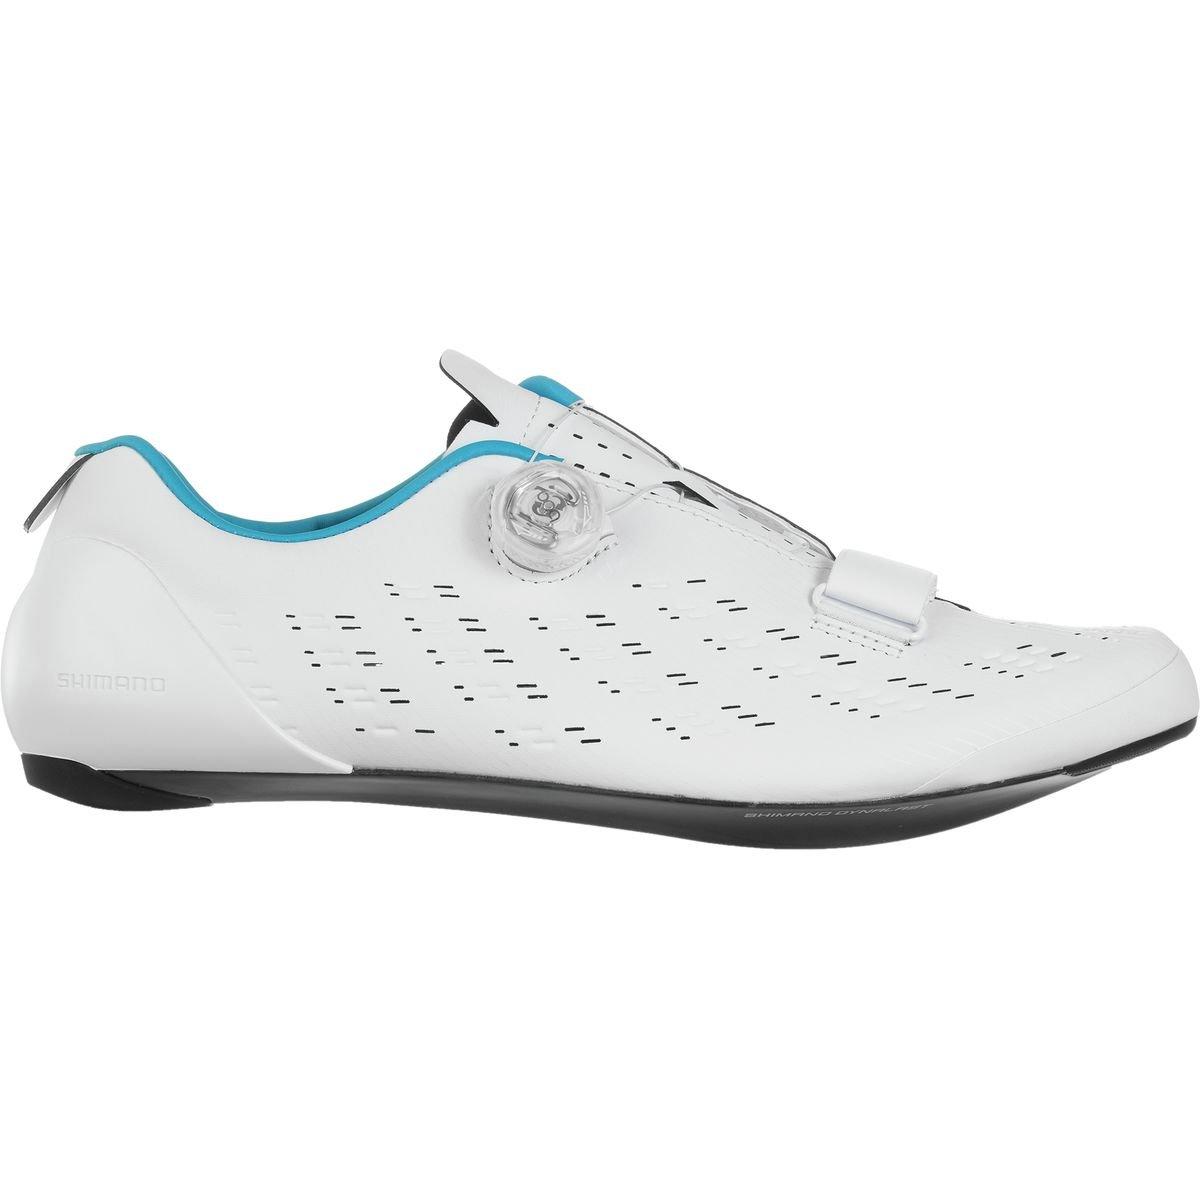 [シマノ] メンズ サイクリング SH-RP9 Cycling Shoe [並行輸入品] 48  B077H1FSRL